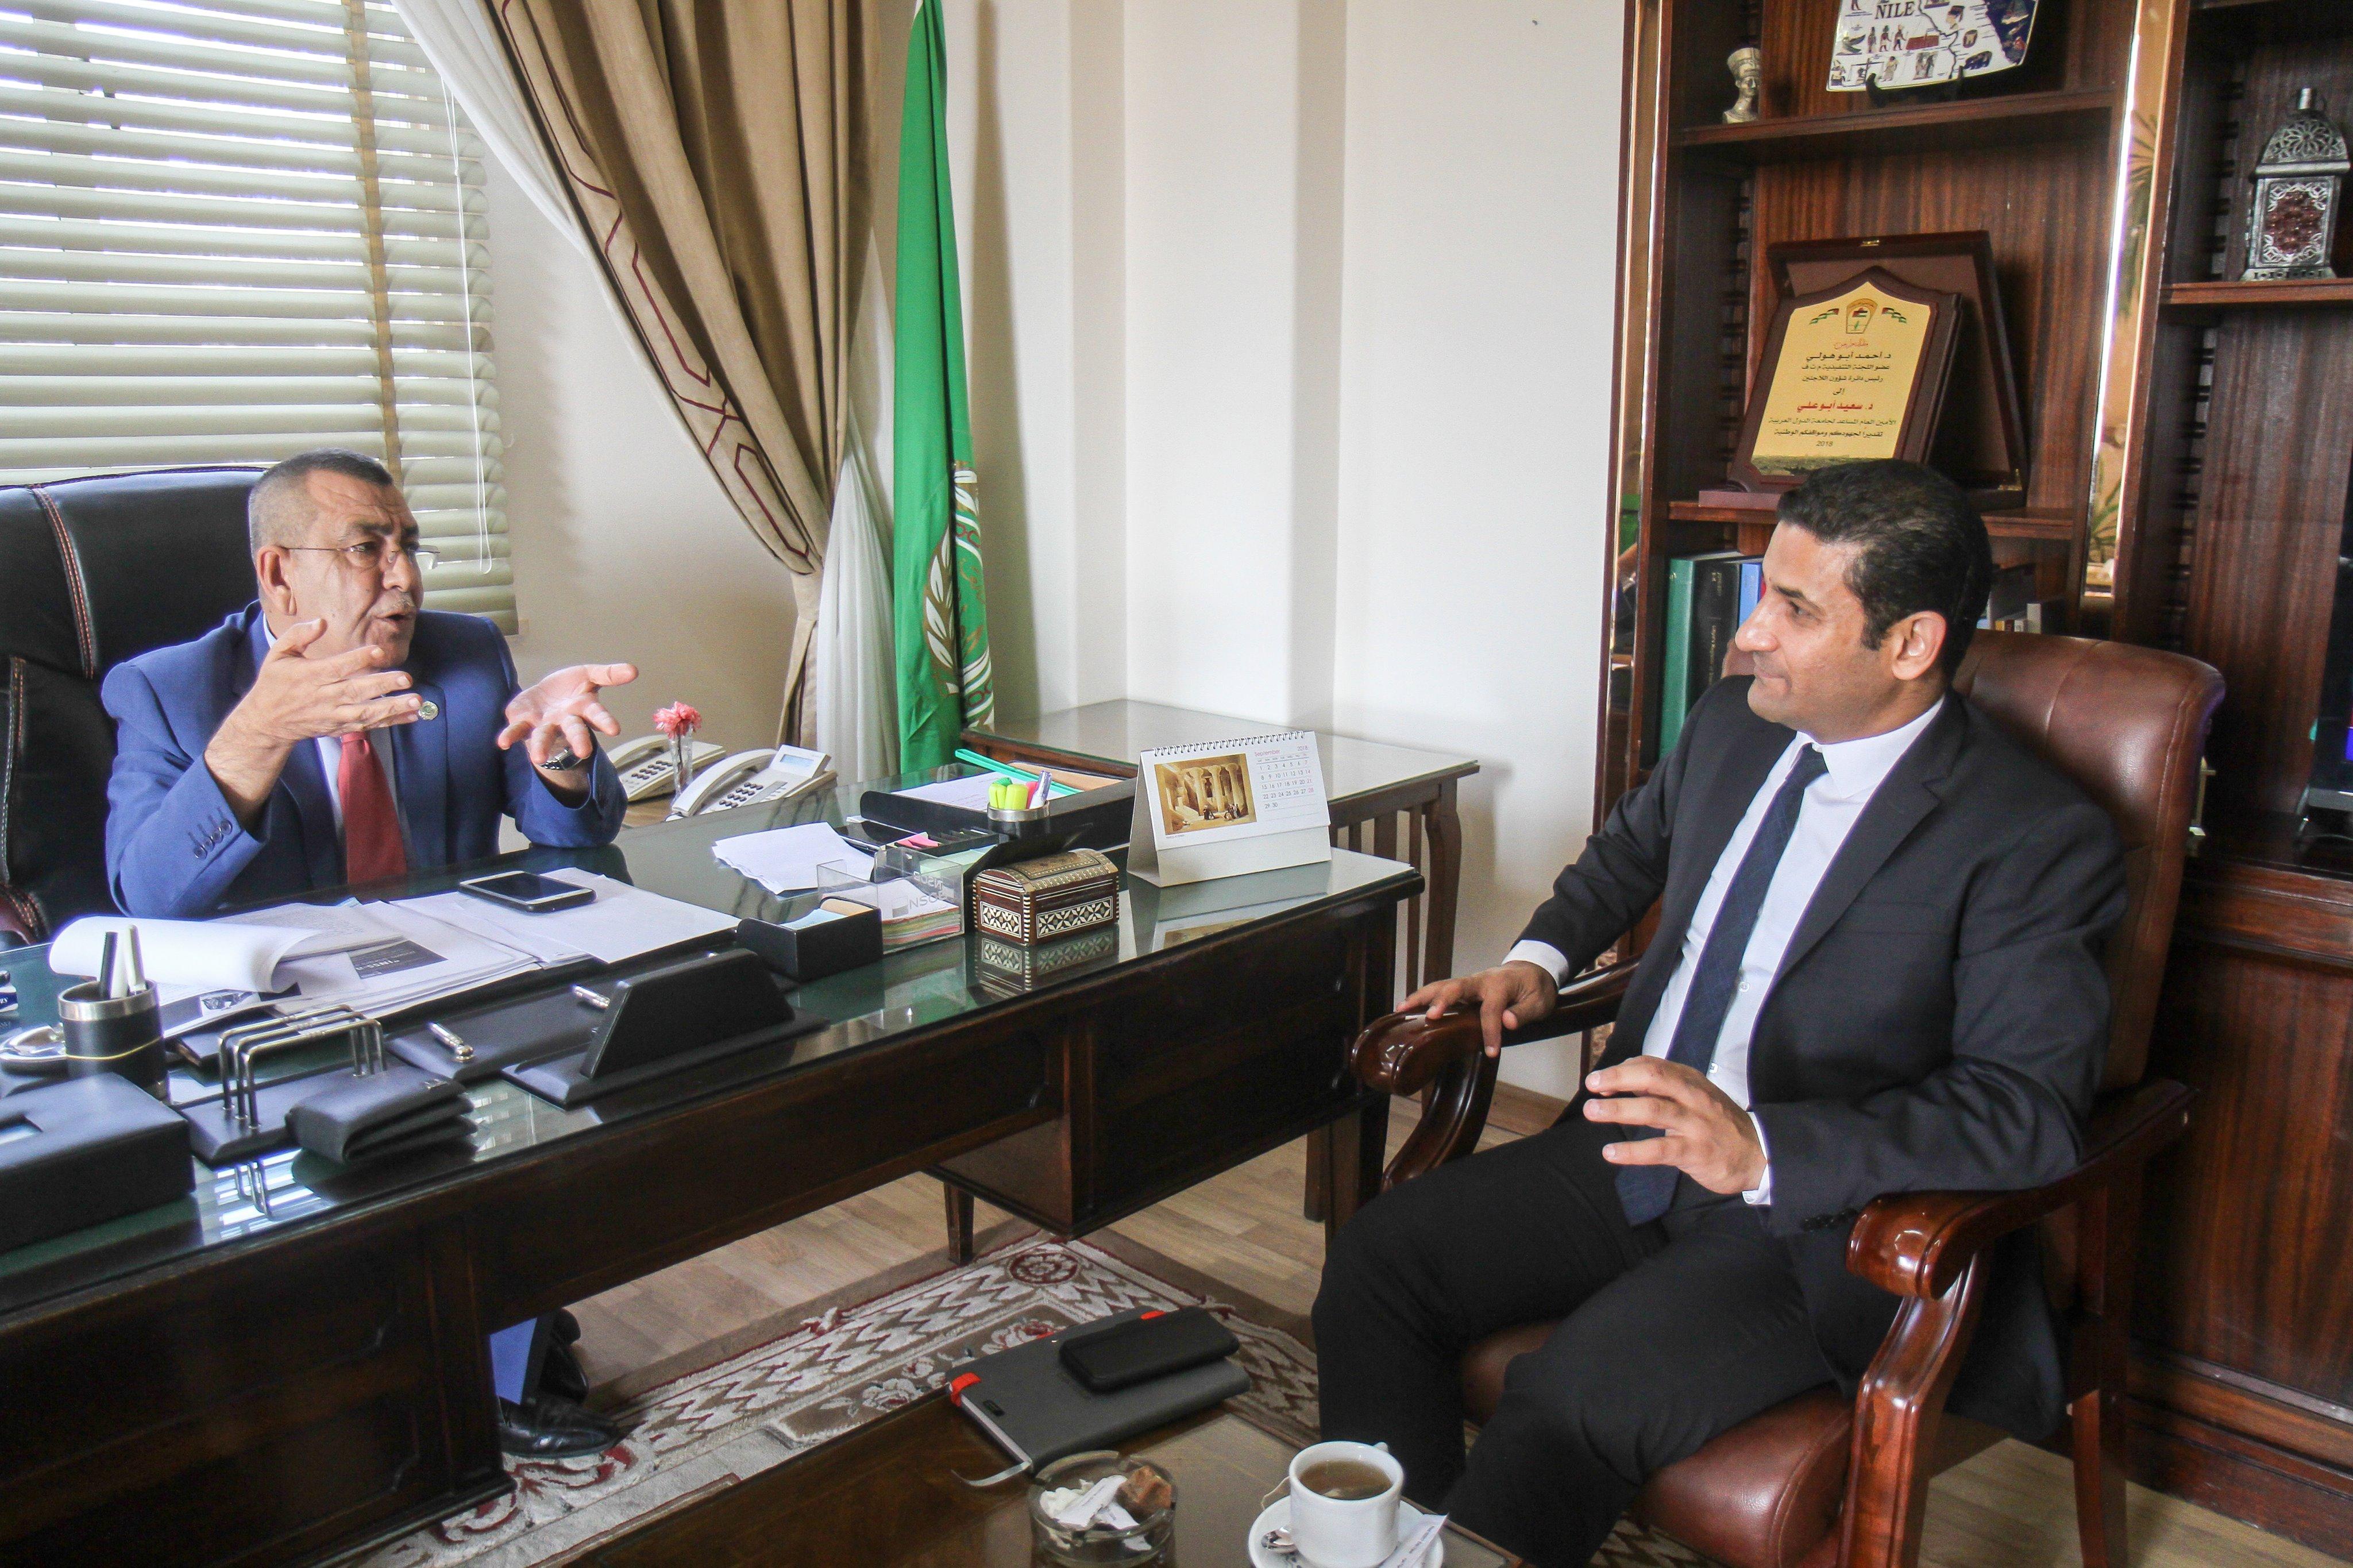 السفير سعيد أبو على مع الزميل يوسف أيوب